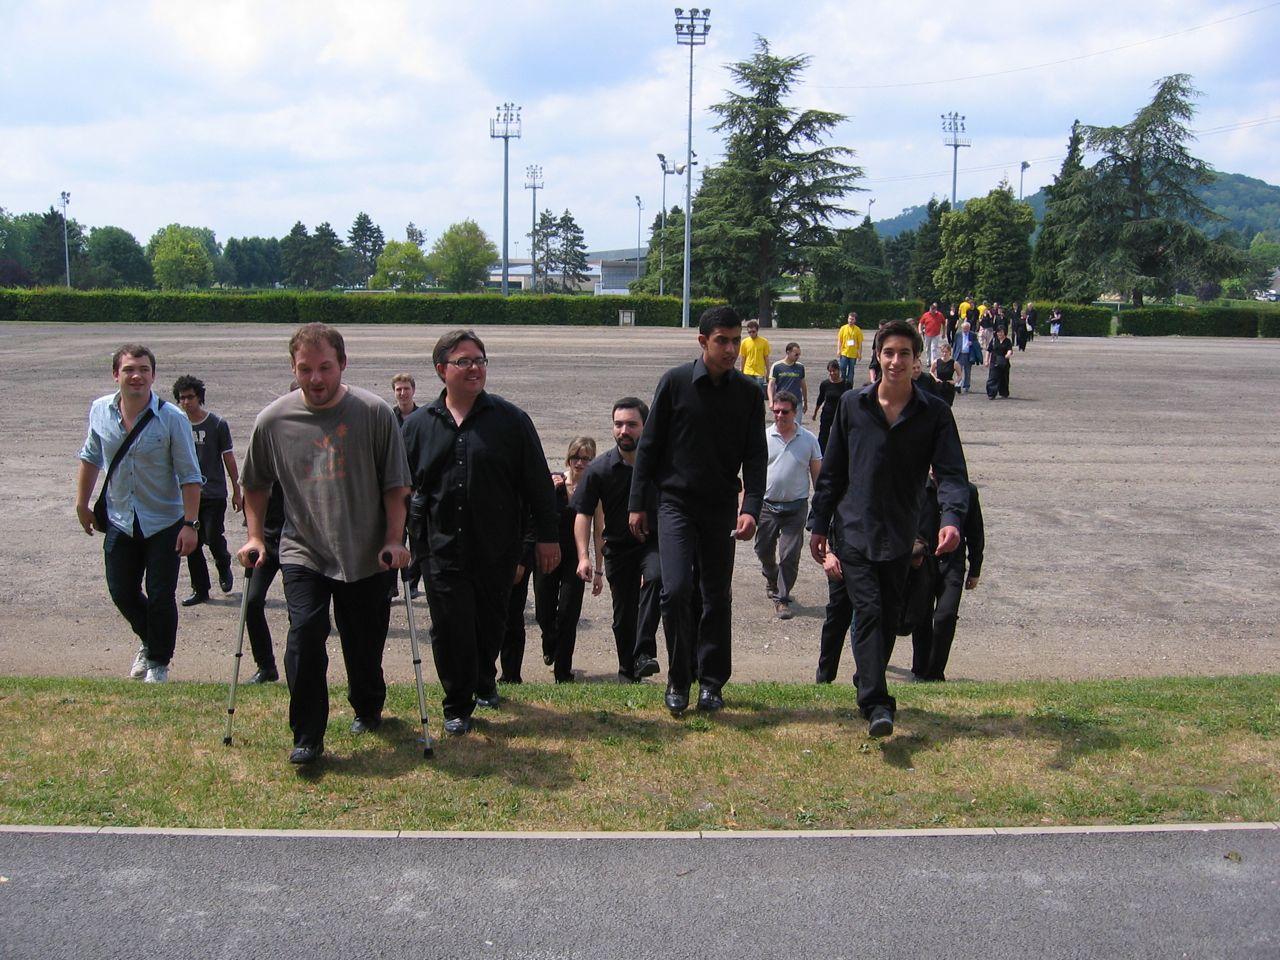 OHTG-concours-Laon-Juin2011-03